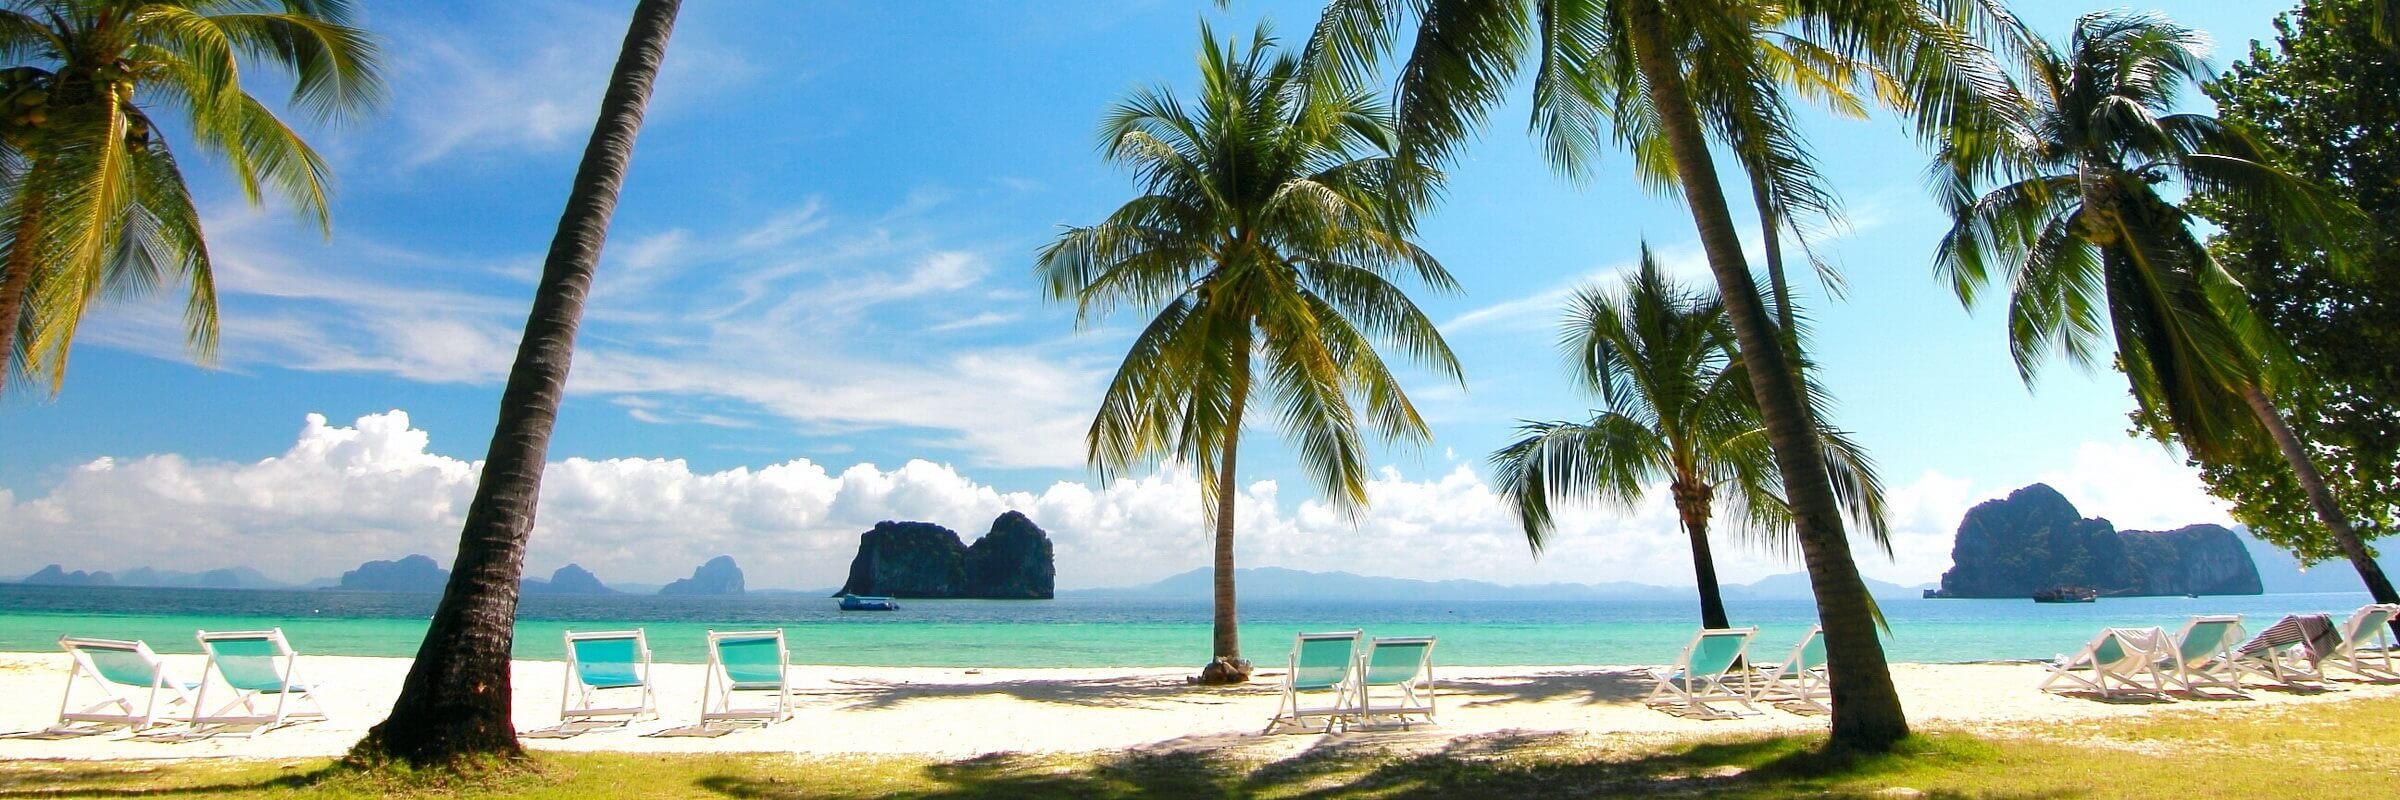 Koh Hai ist mit einer Größe von nur 5 qm eine der kleinsten touristisch genutzten Inseln von Thailand.